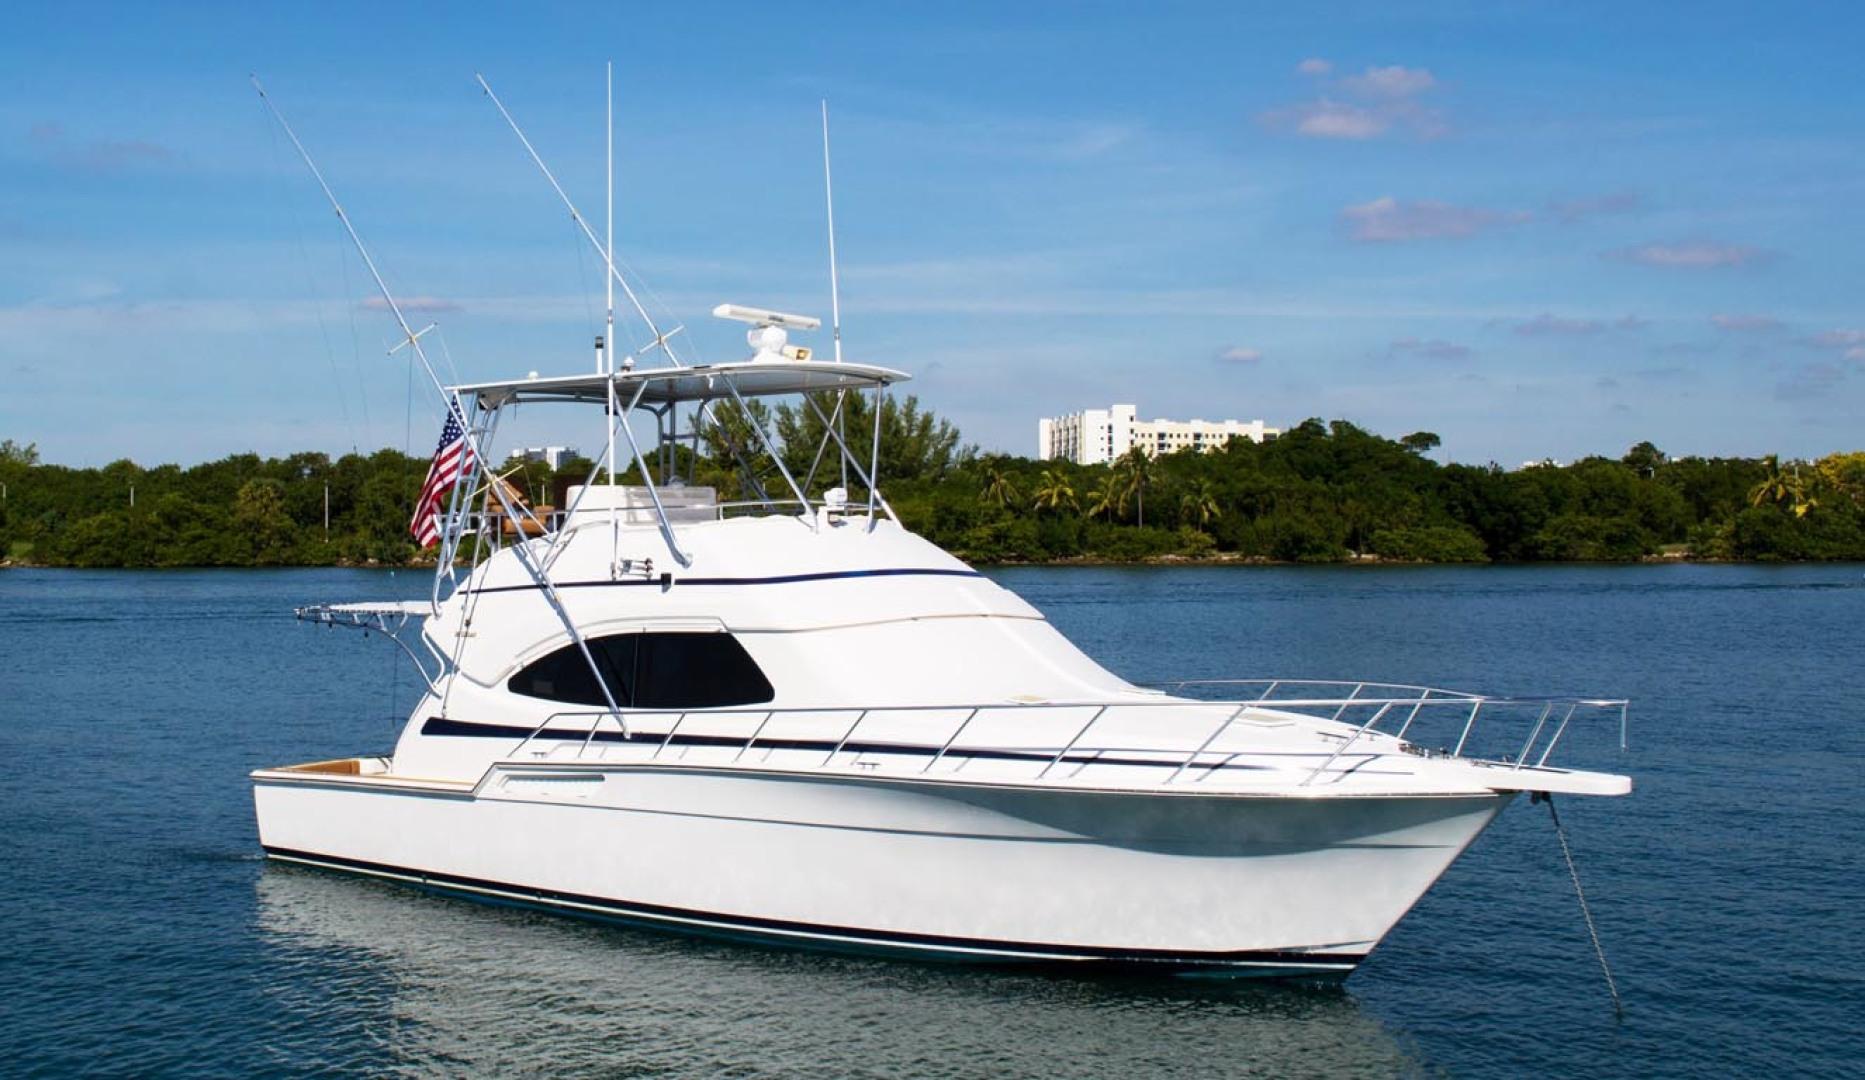 Bertram-450 Convertible 2002-SEA YA Sunny Isles Beach-Florida-United States-2002 Bertram 450 Convertible-1289267 | Thumbnail